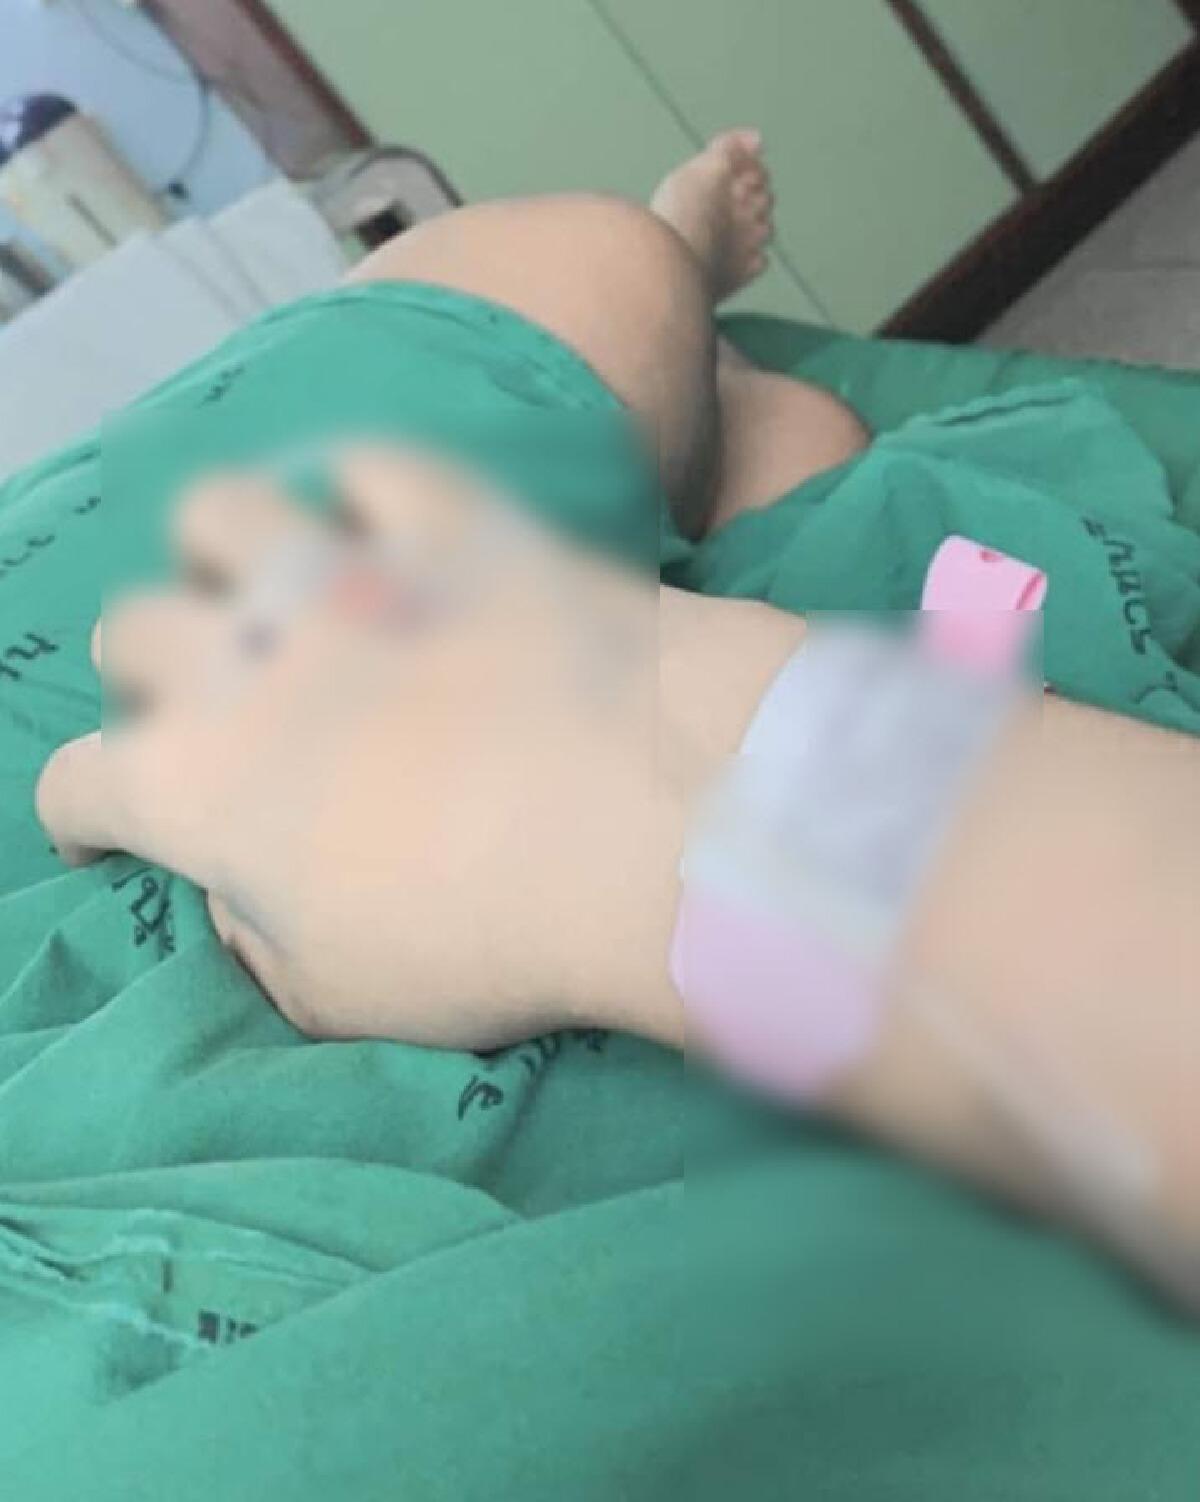 แม่ลูกอ่อน ตกใจหนัก คลอดลูกที่โรงพยาบาลดัง แต่หมอลืมผ้าก๊อซไว้ในช่องคลอด